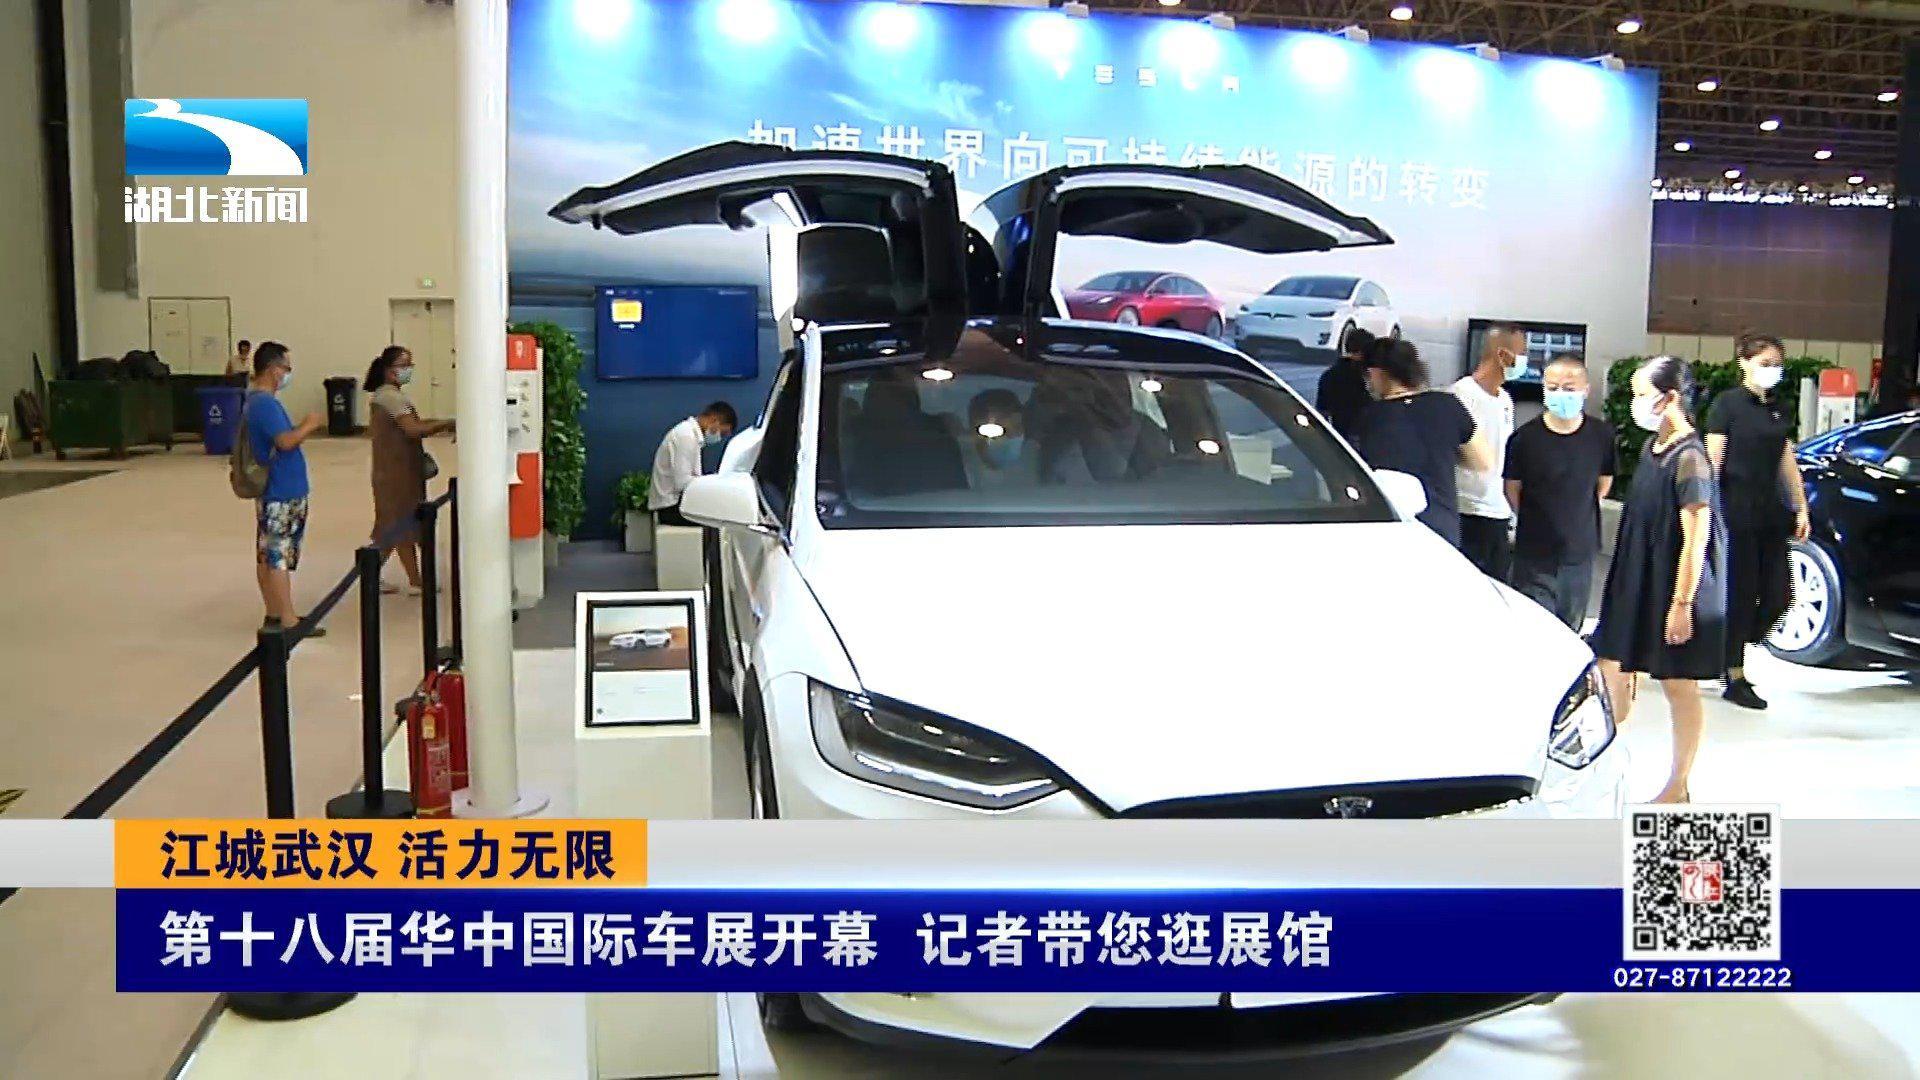 赶紧来瞧瞧!为期5天的2020第十八届华中国际车展开幕了